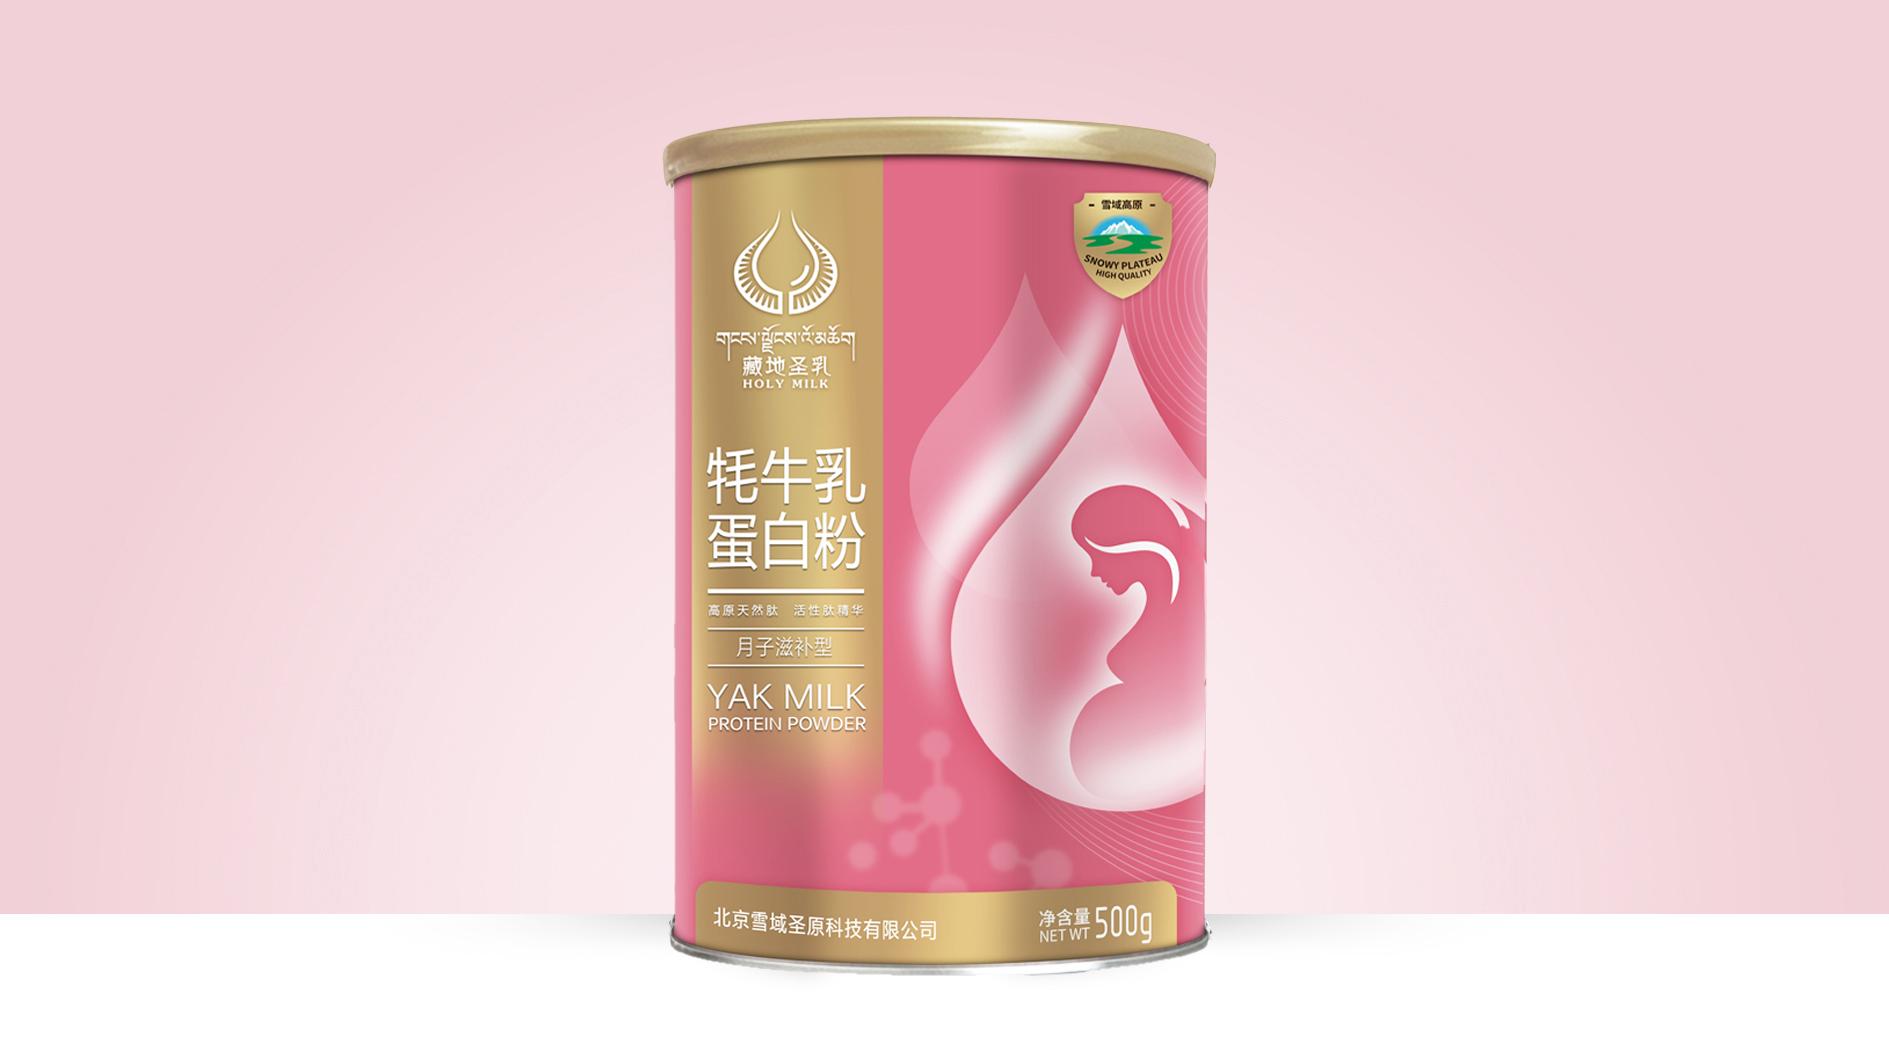 雪域圣原牦牛乳品牌包装设计